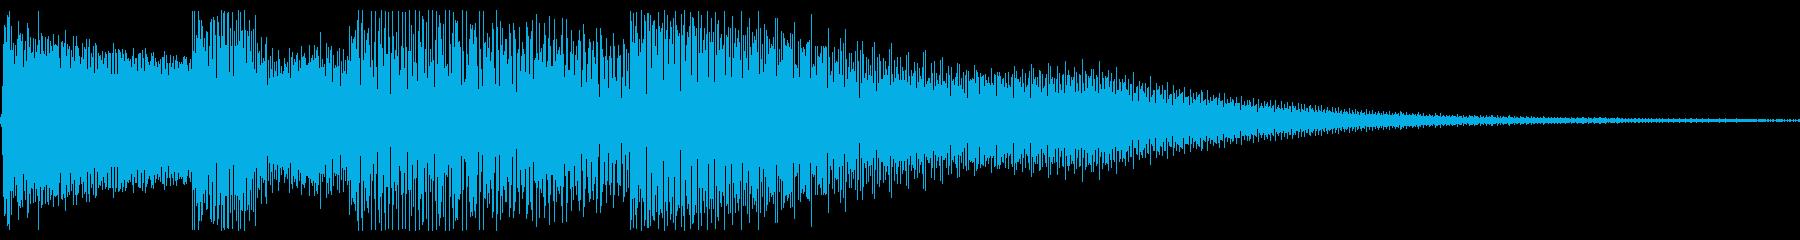 ピロロロン(ボタン音・決定音)下降メロ の再生済みの波形